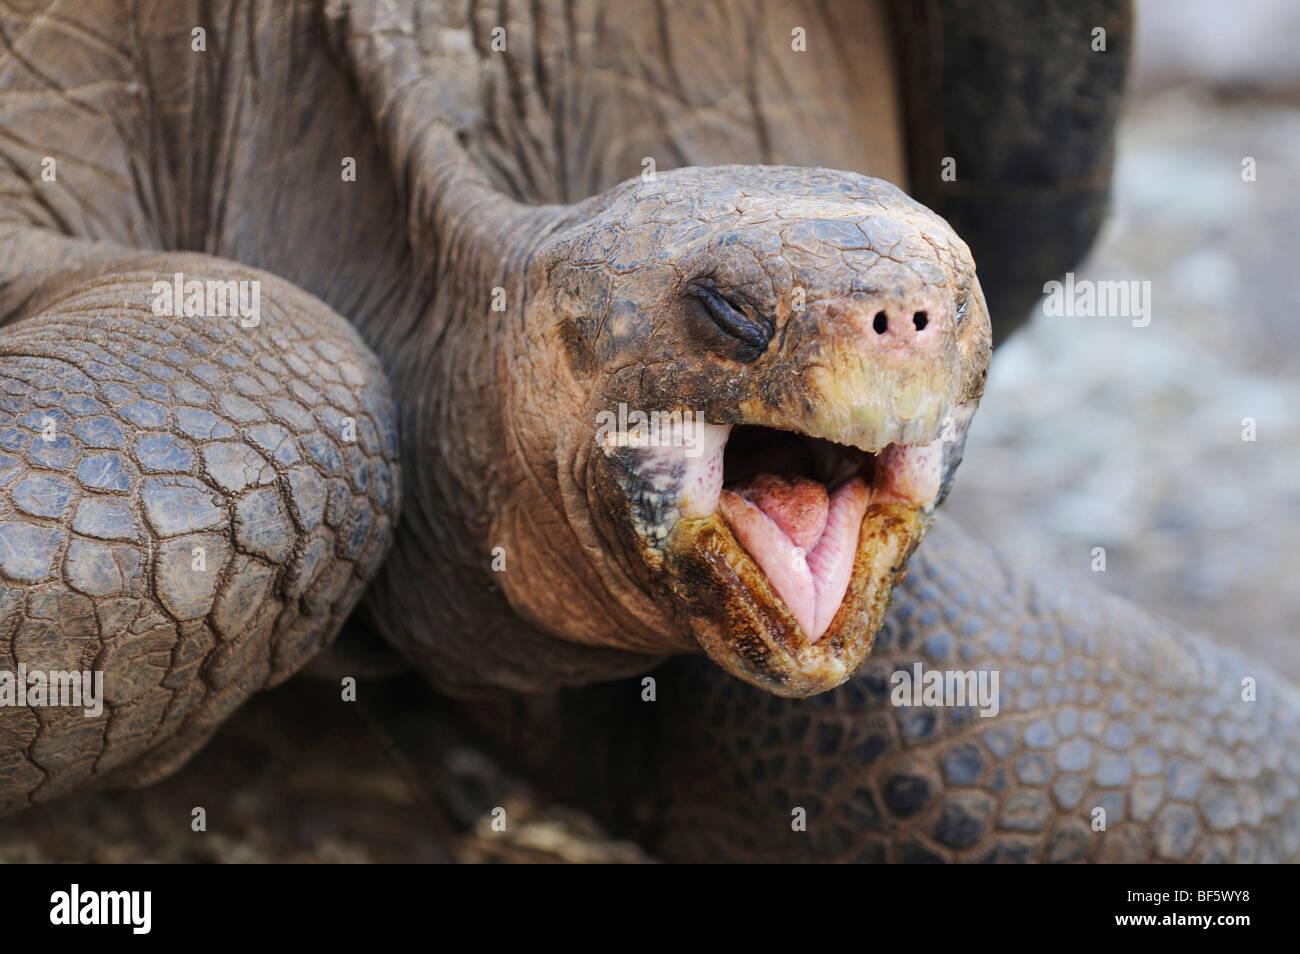 Tortuga Gigante de las Galápagos (Geochelone elephantopus), adulto, las Islas Galápagos, Ecuador, Sudamérica Imagen De Stock